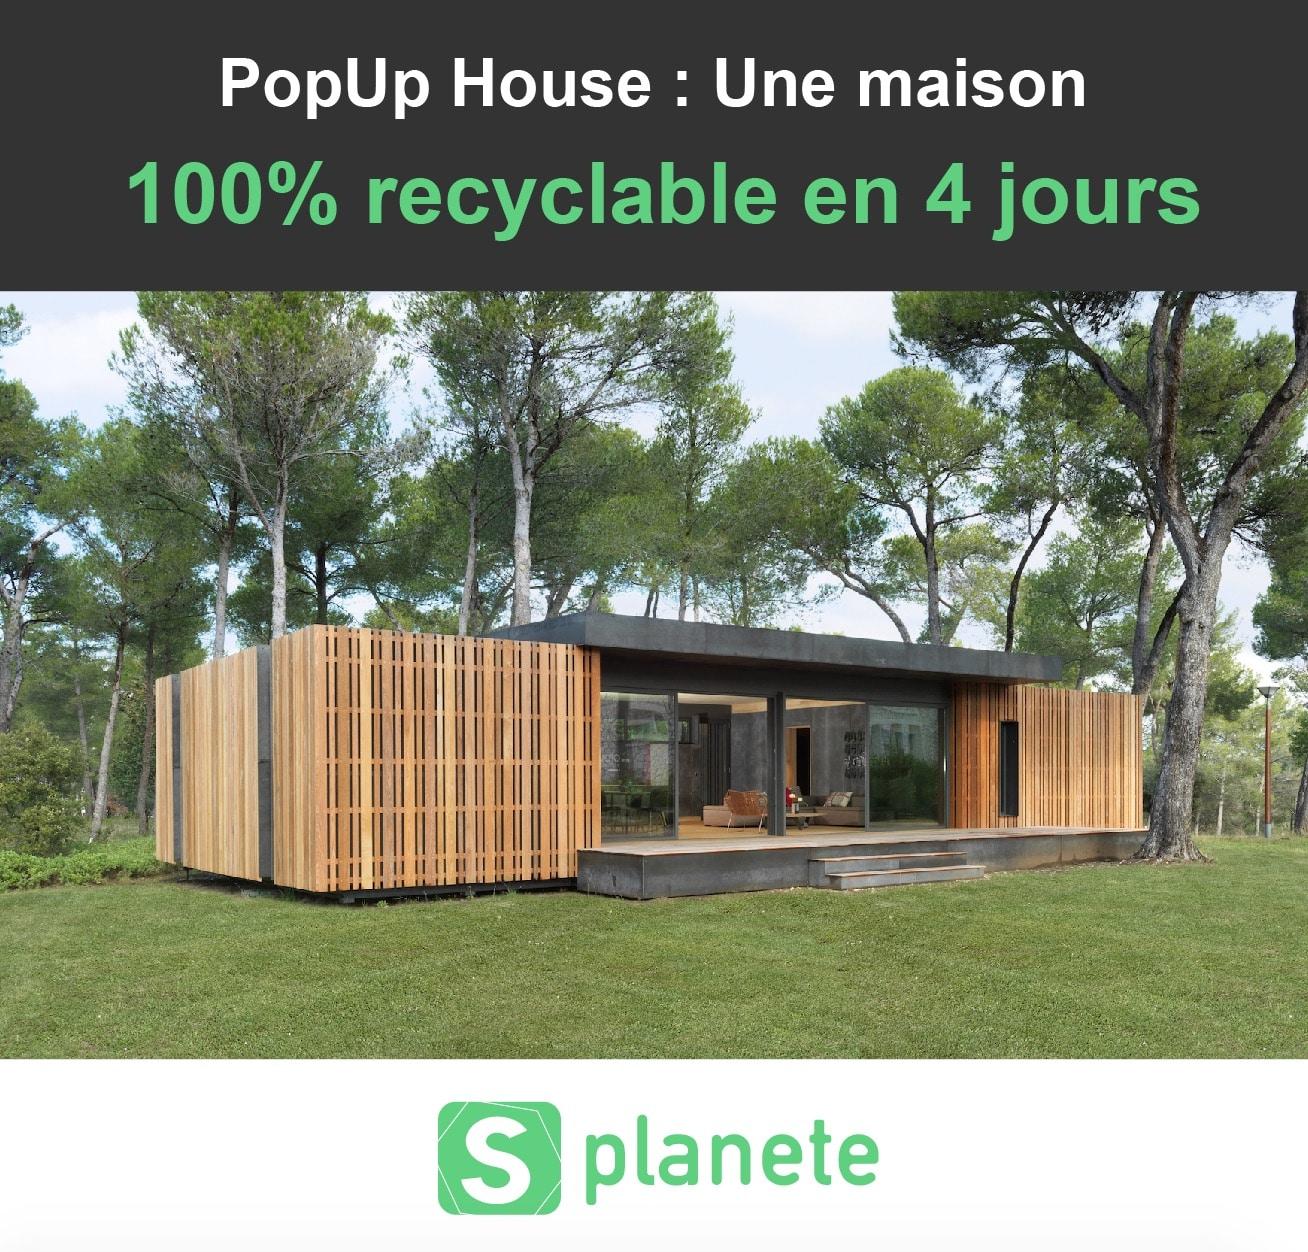 popup house une maison 100